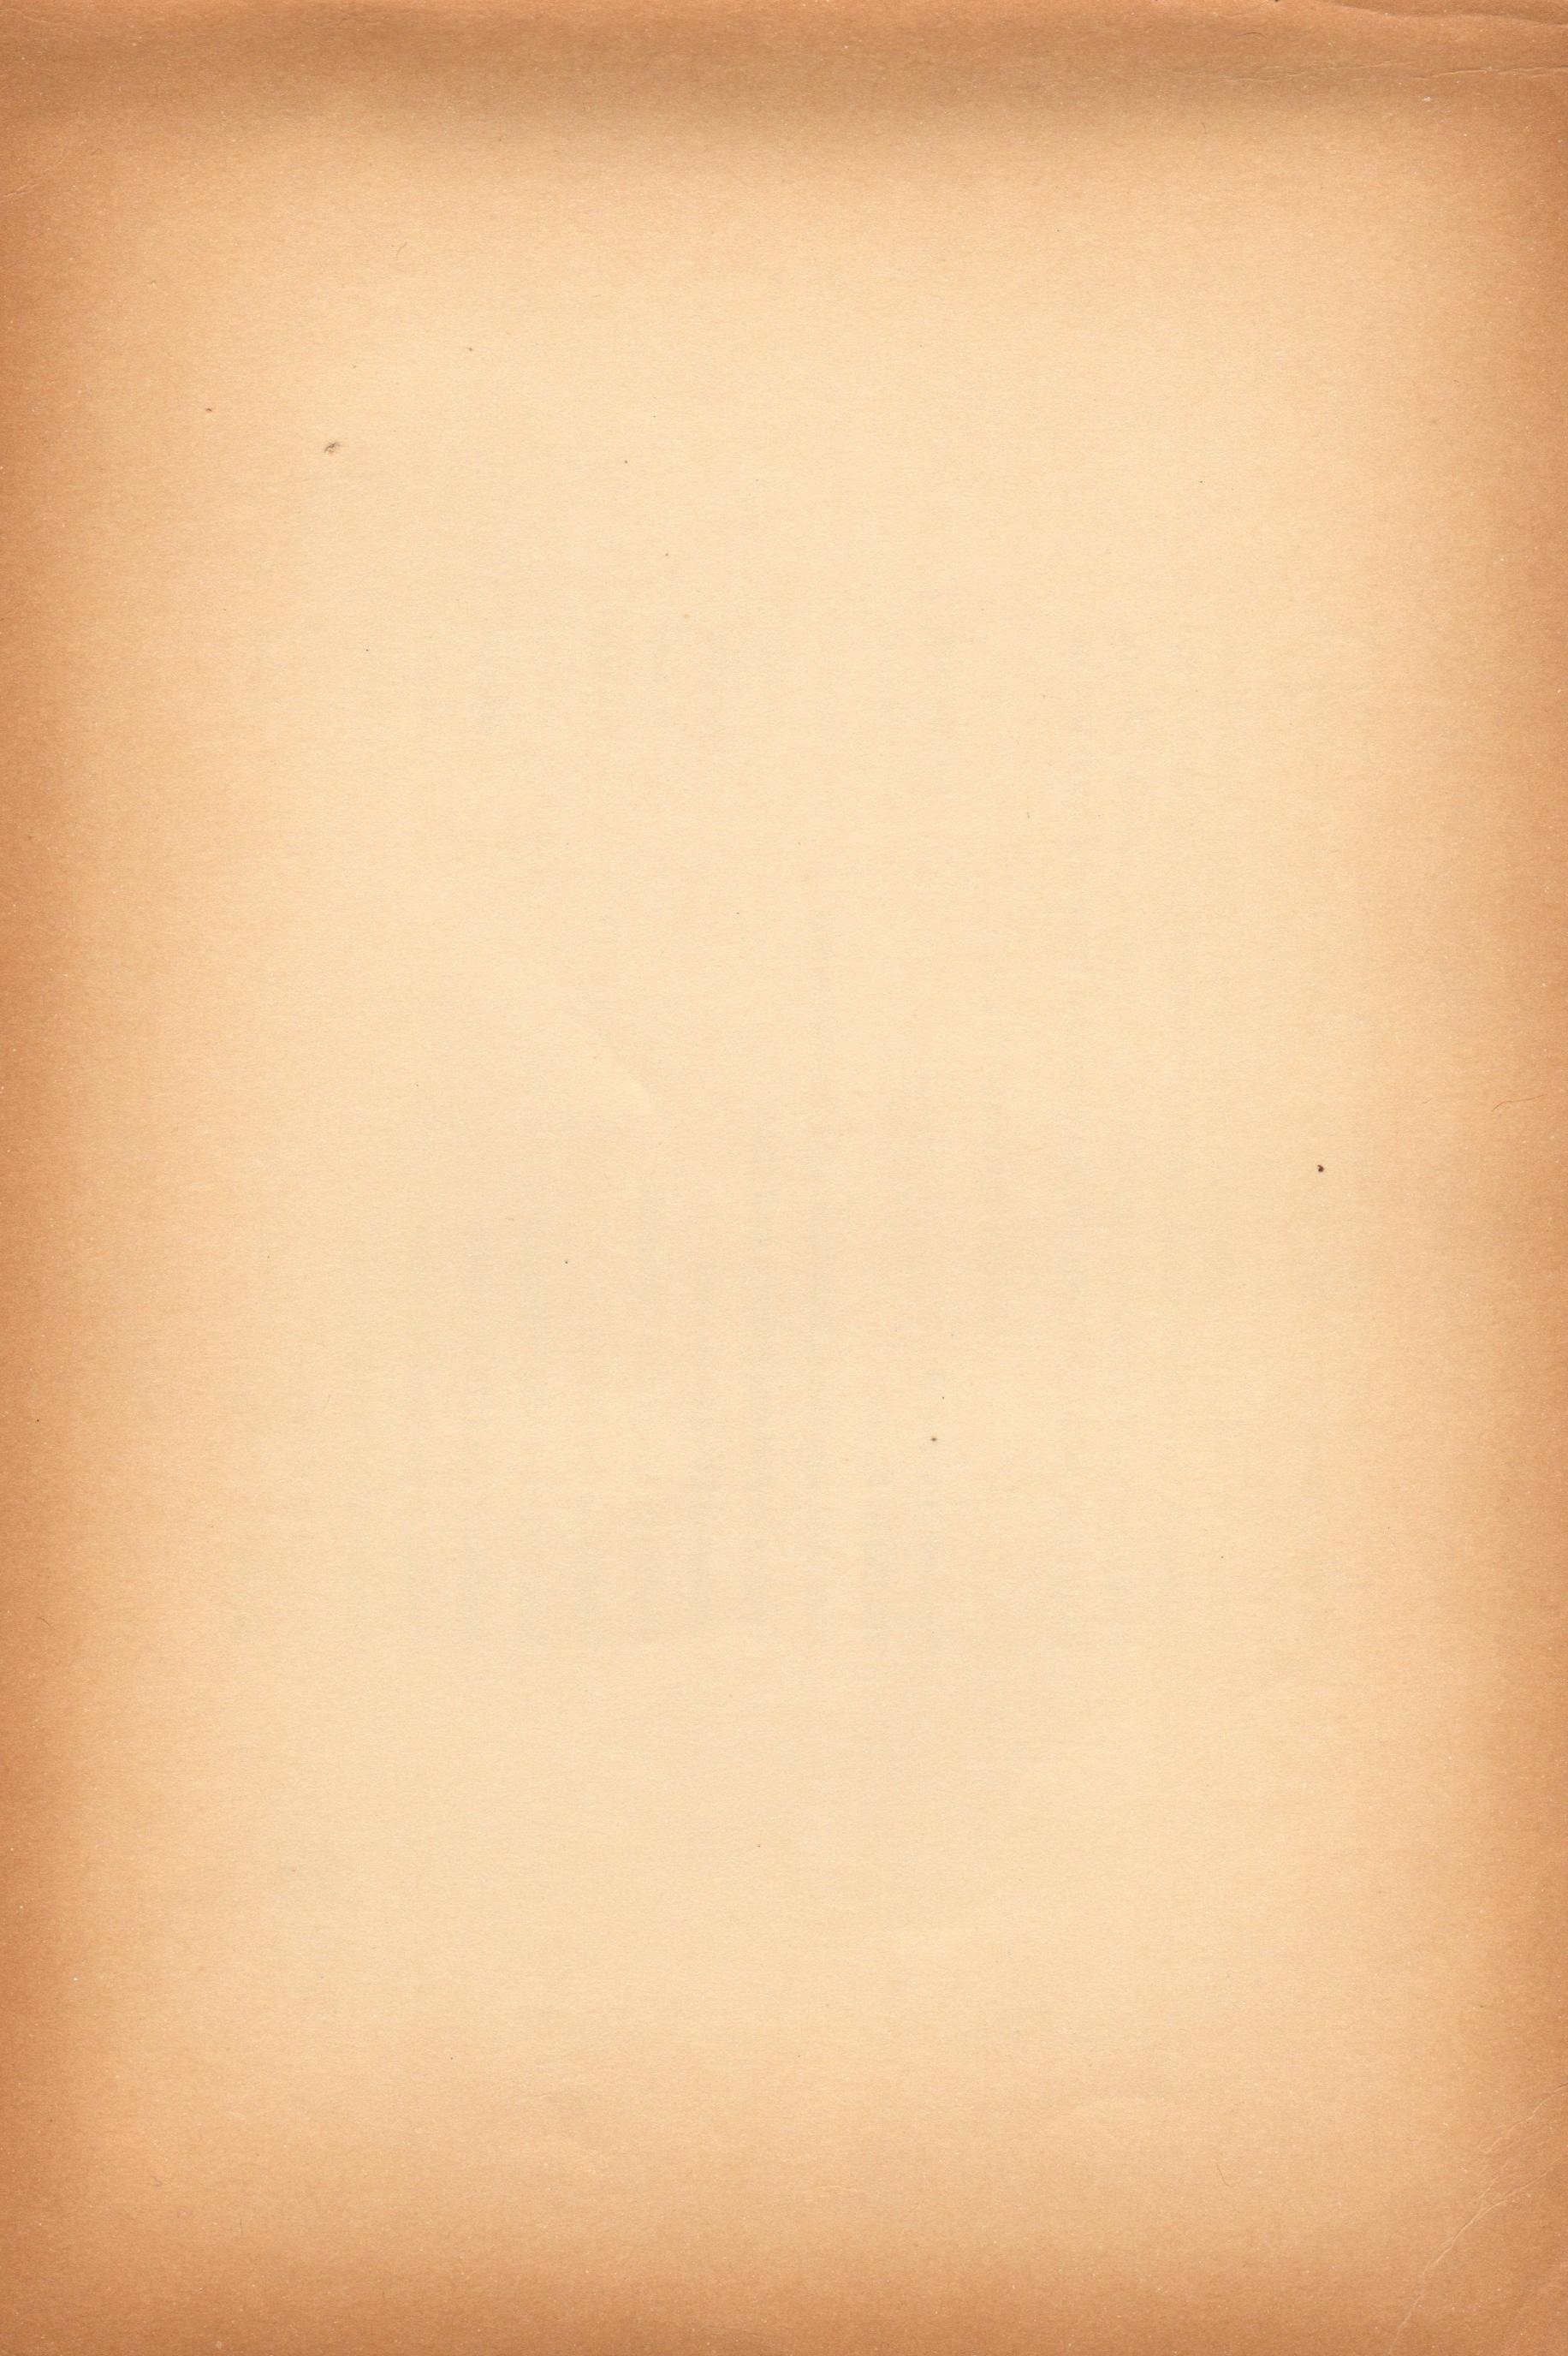 Free Vintage Vignette Tan Paper Texture